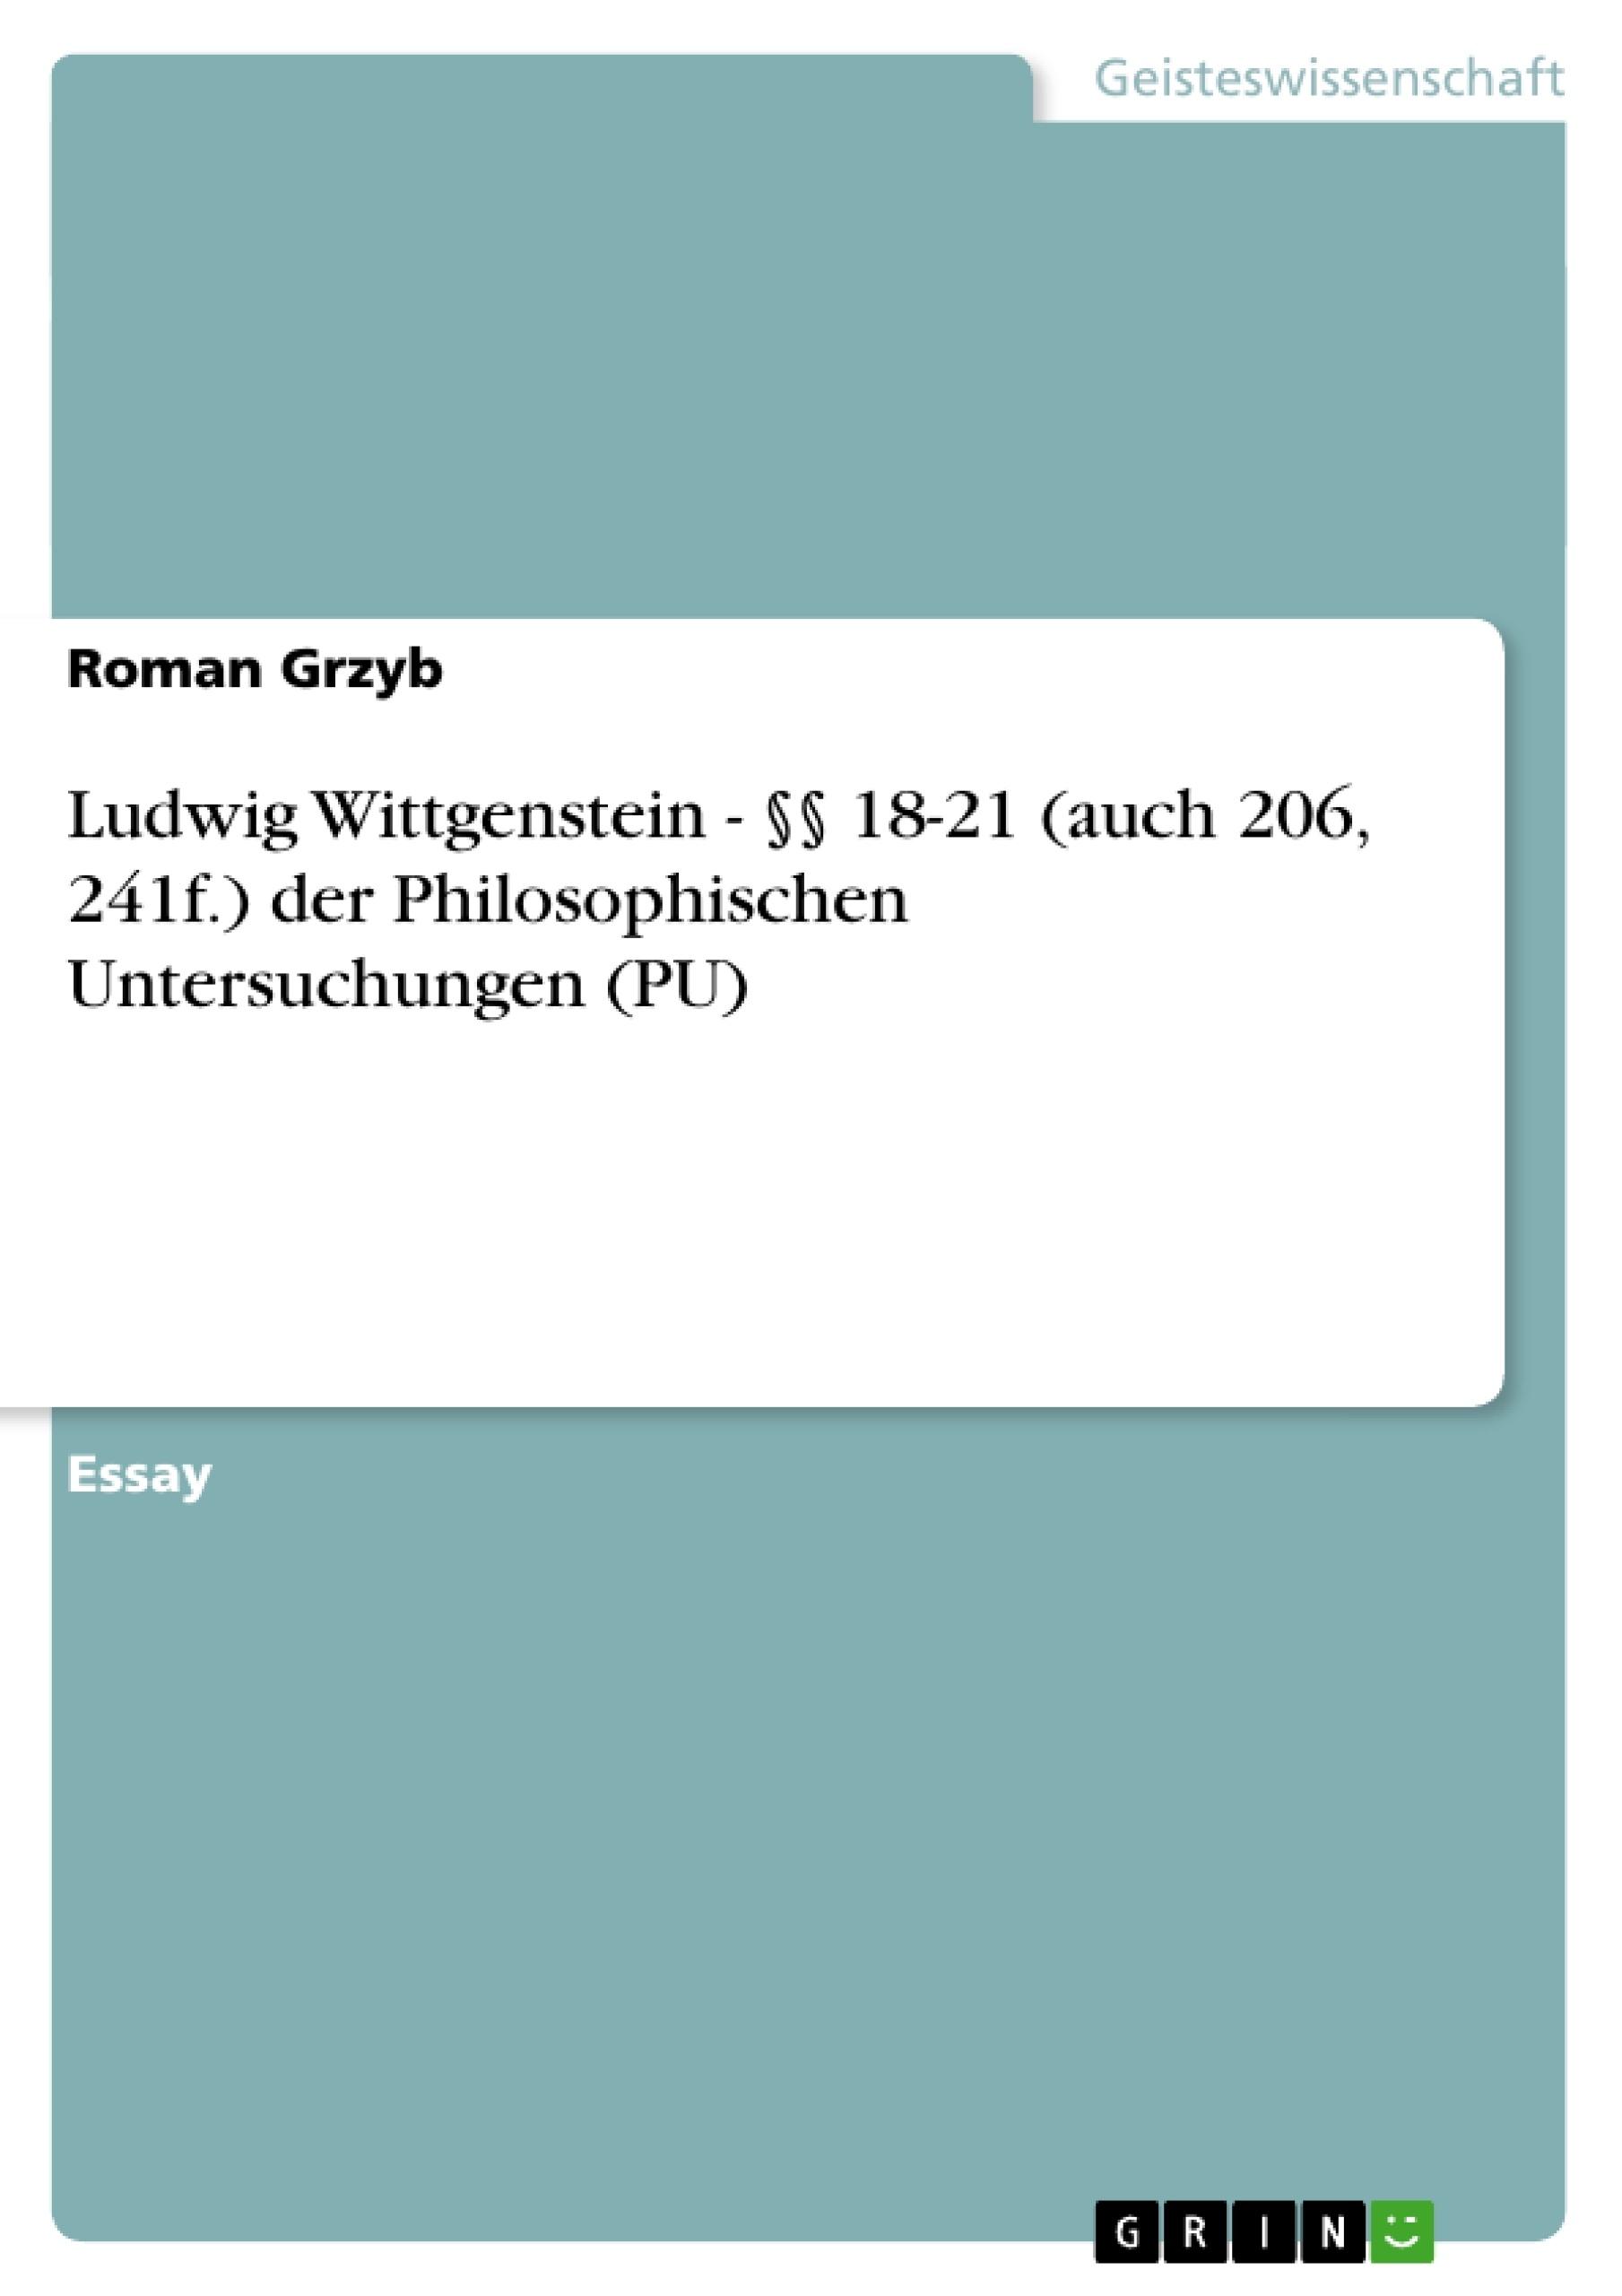 Titel: Ludwig Wittgenstein - §§ 18-21 (auch 206, 241f.) der Philosophischen Untersuchungen (PU)